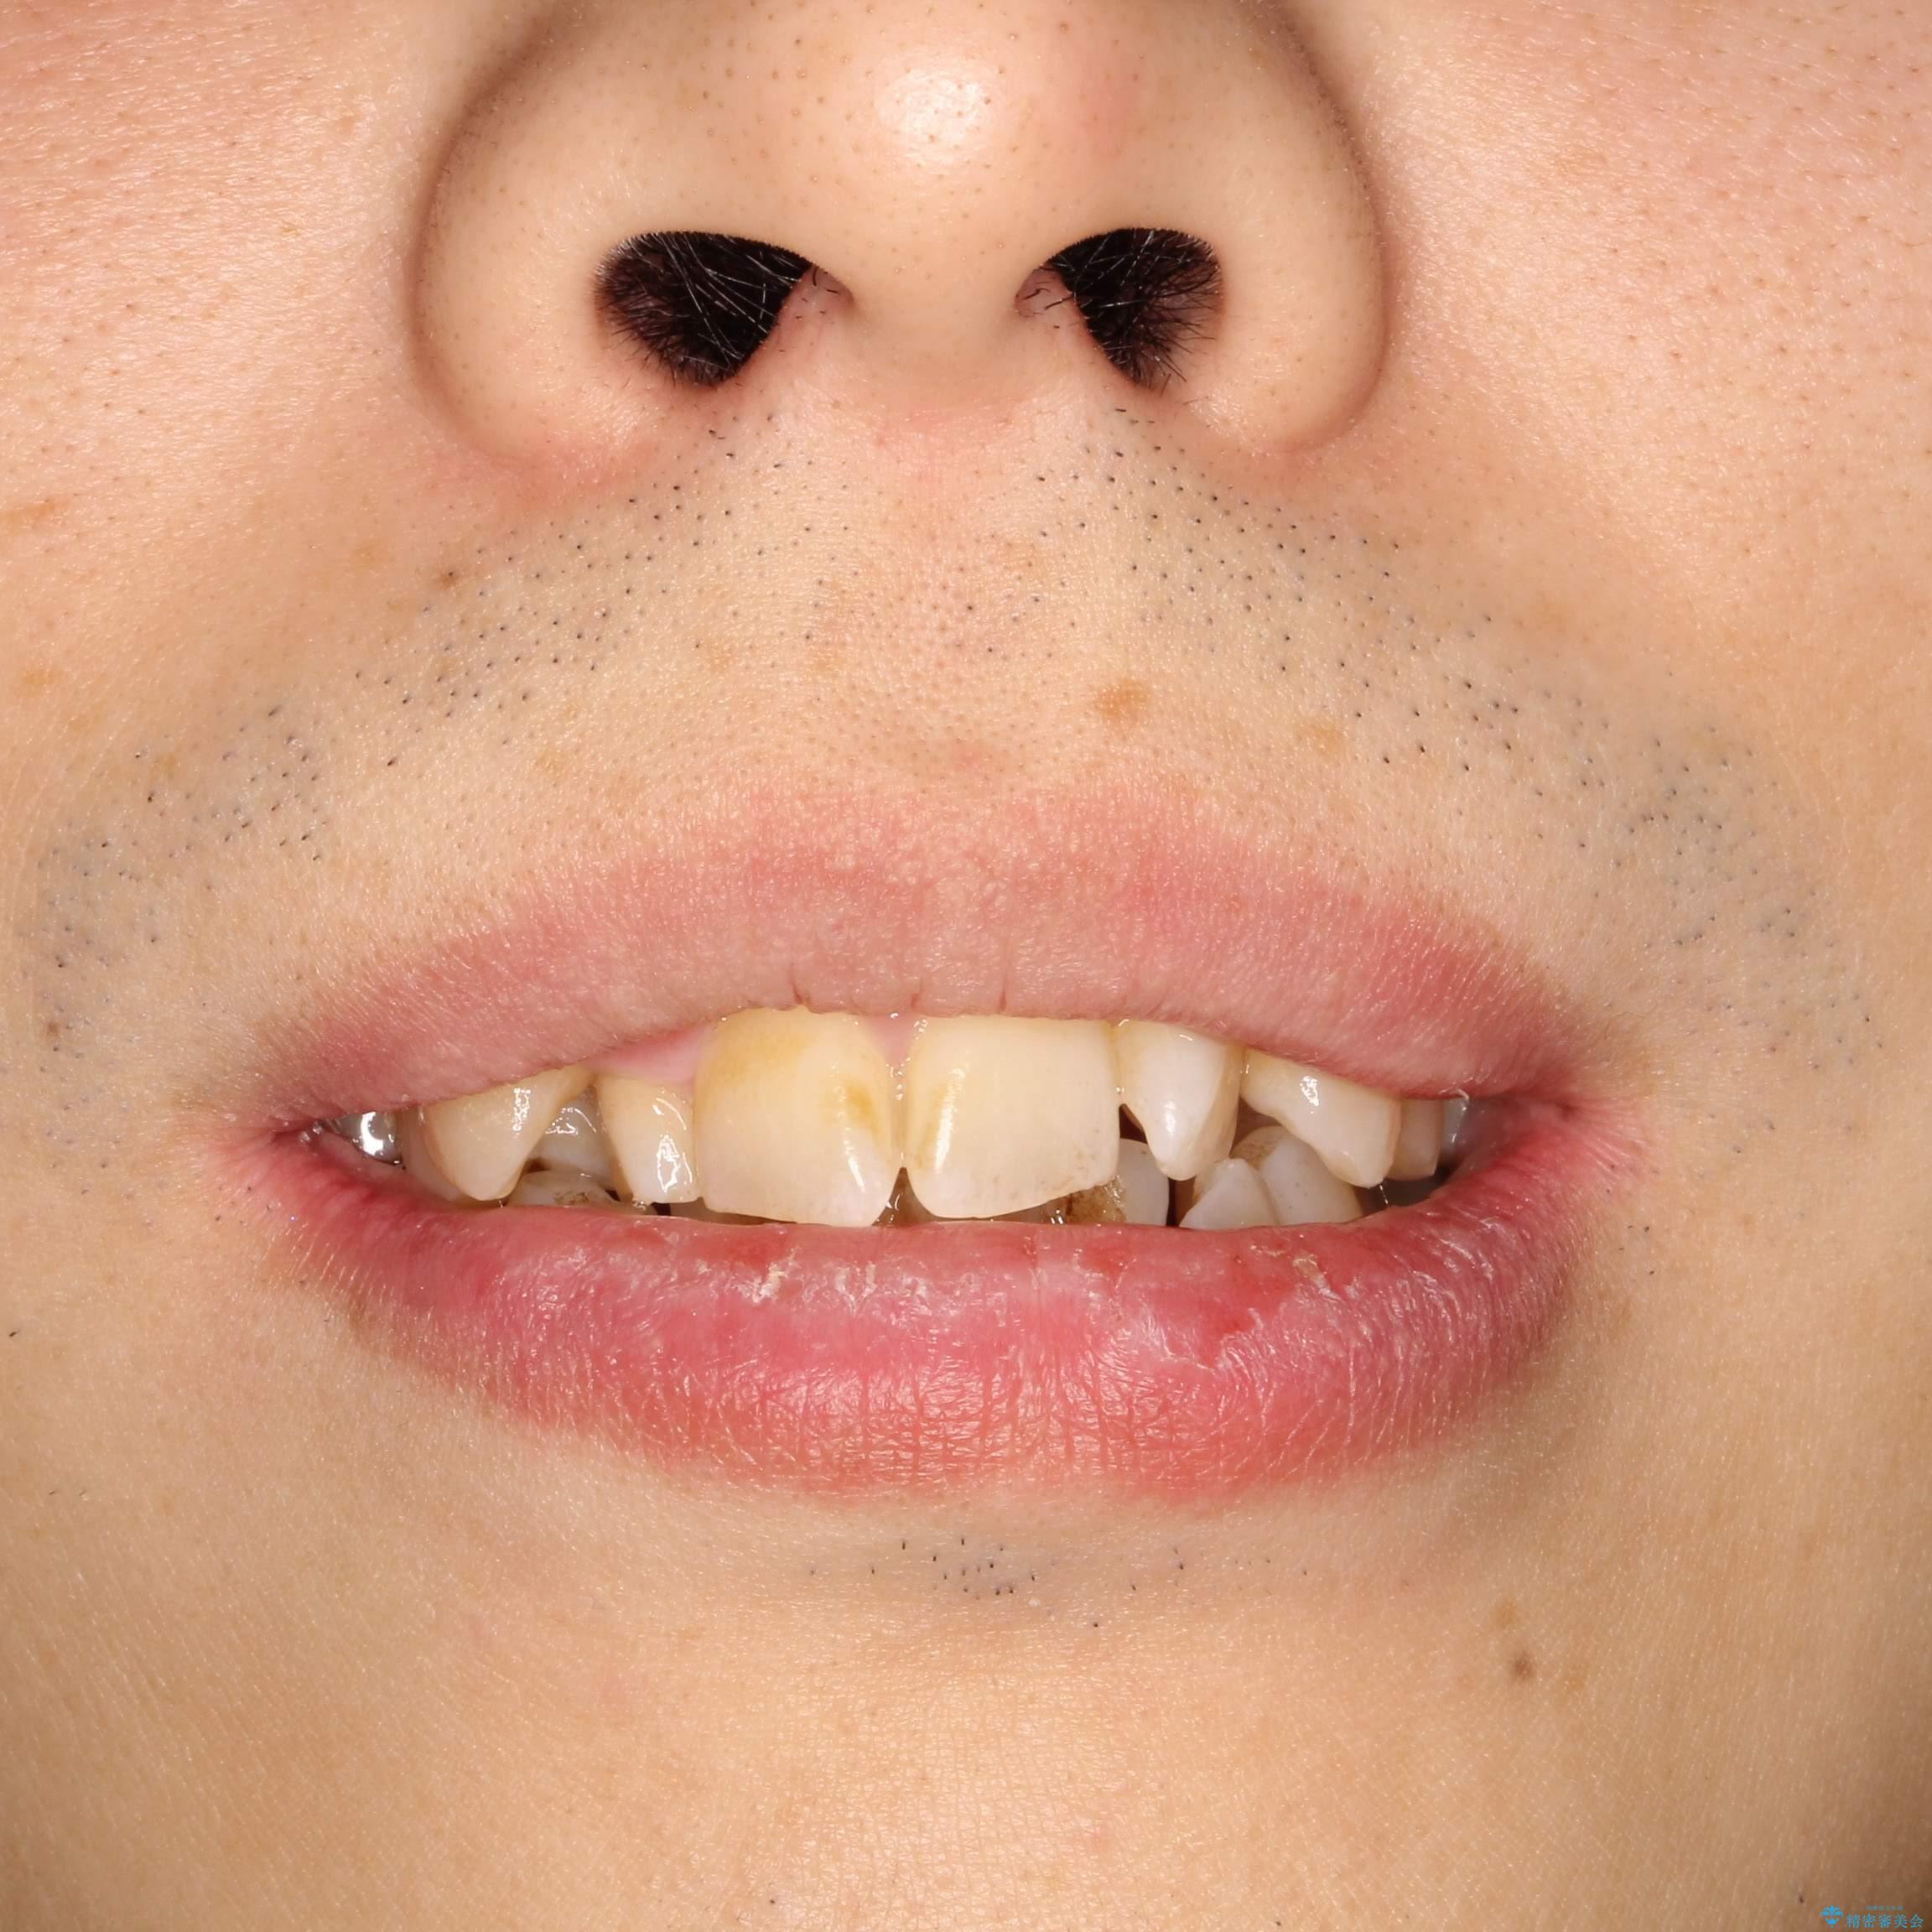 重度のガタつき 表のワイヤー矯正の治療前(顔貌)